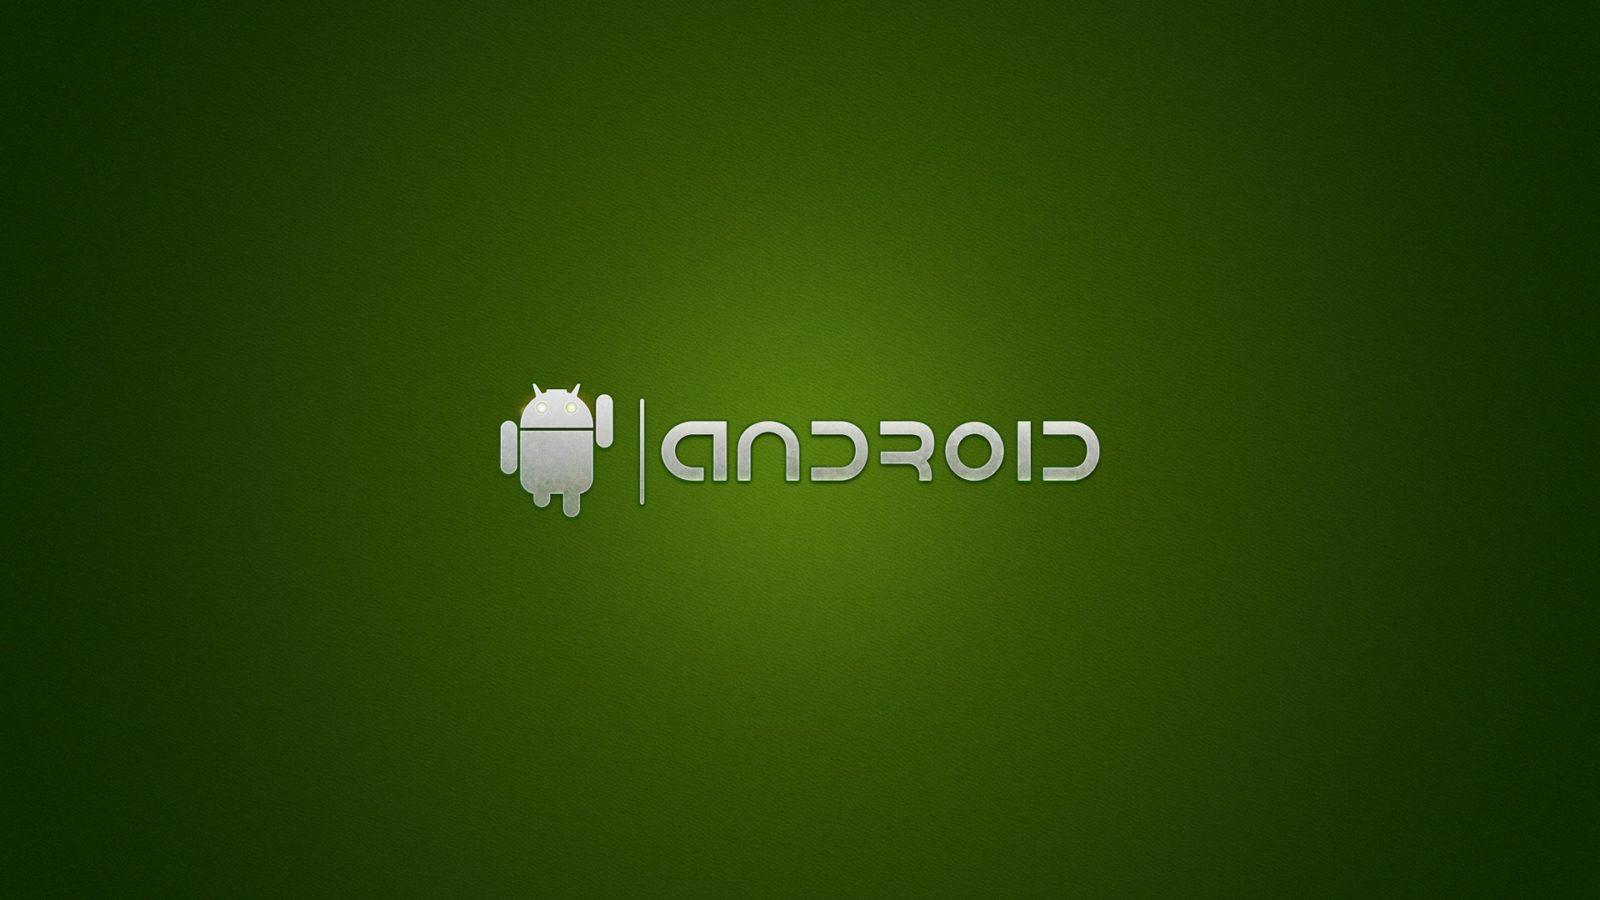 Android Dünya'yı Ele Geçirmek Üzere